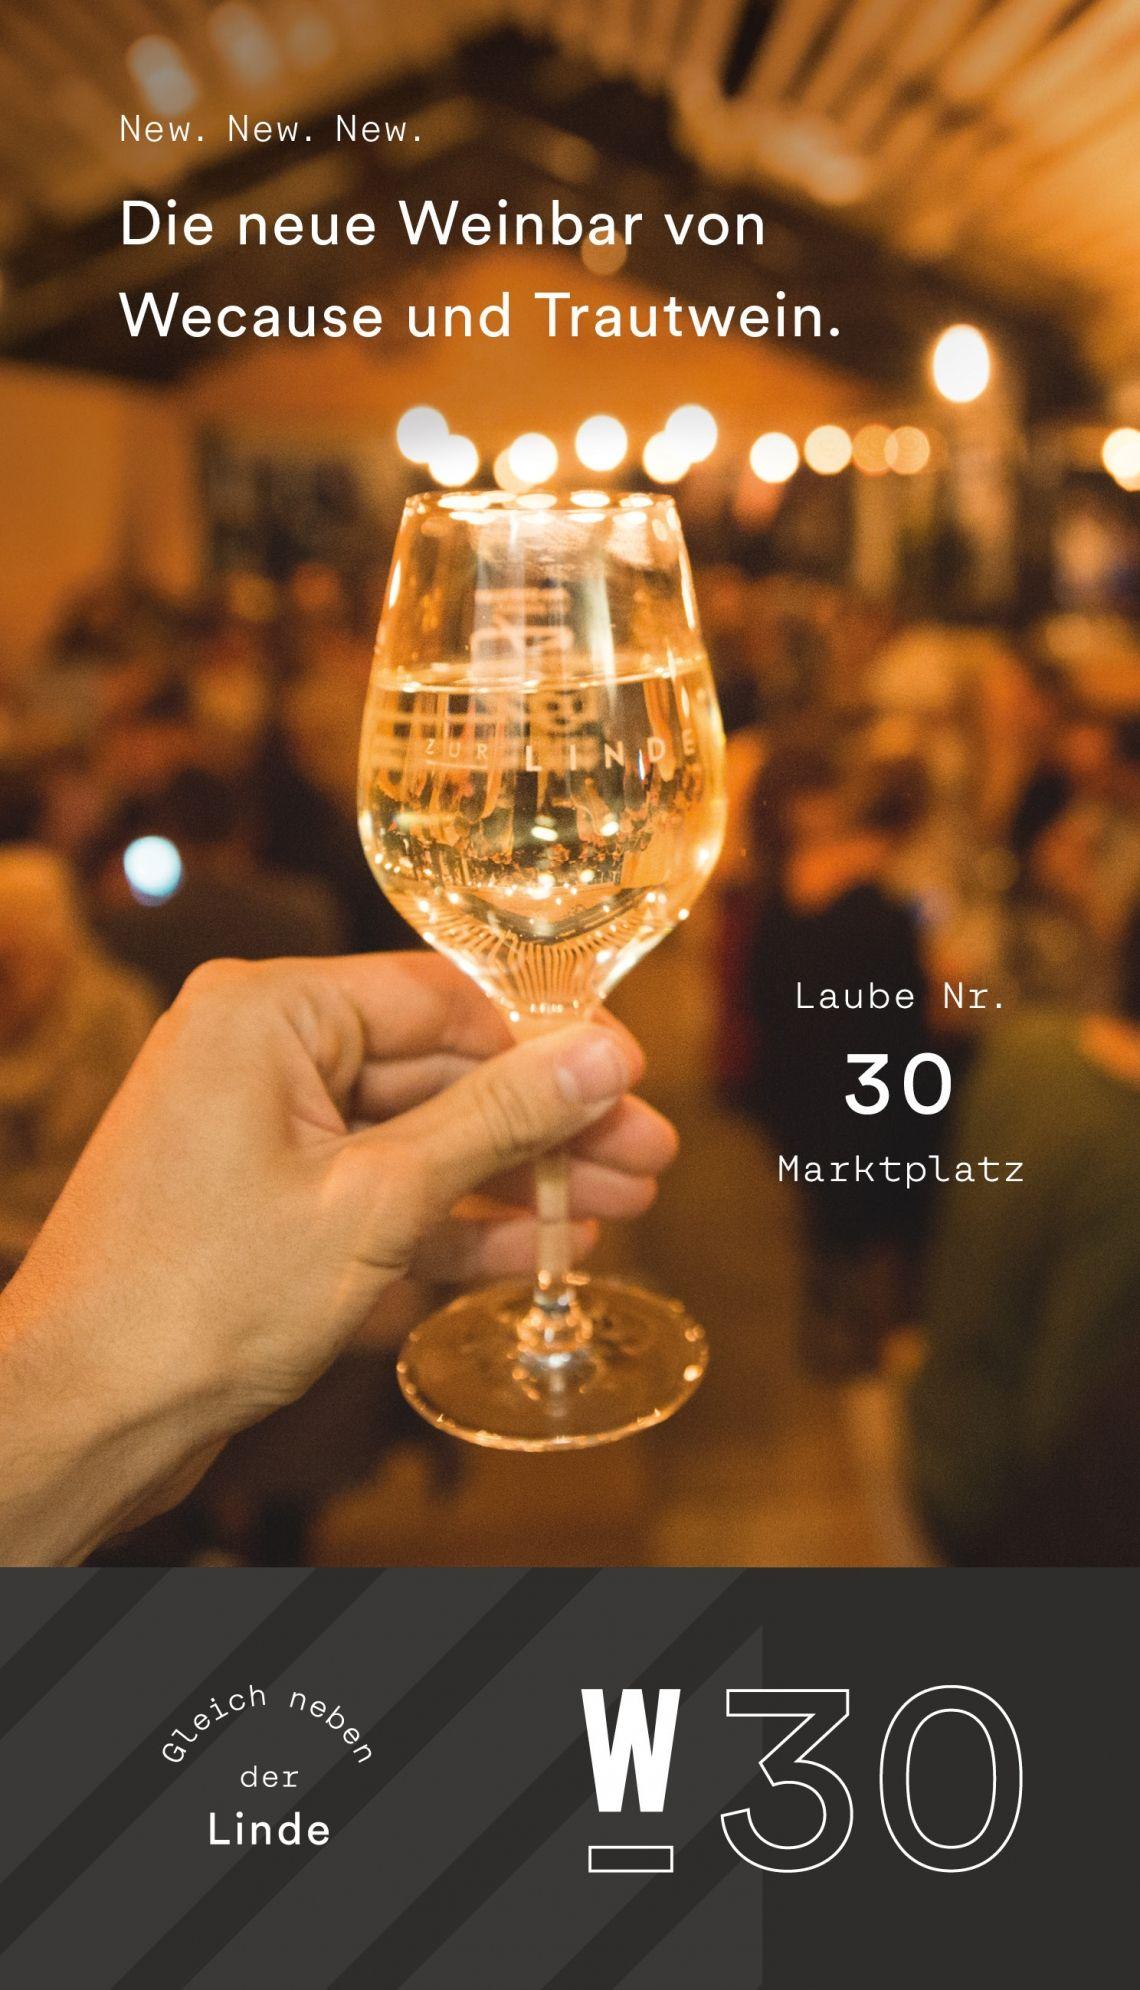 Die neue Weinlaube W-30